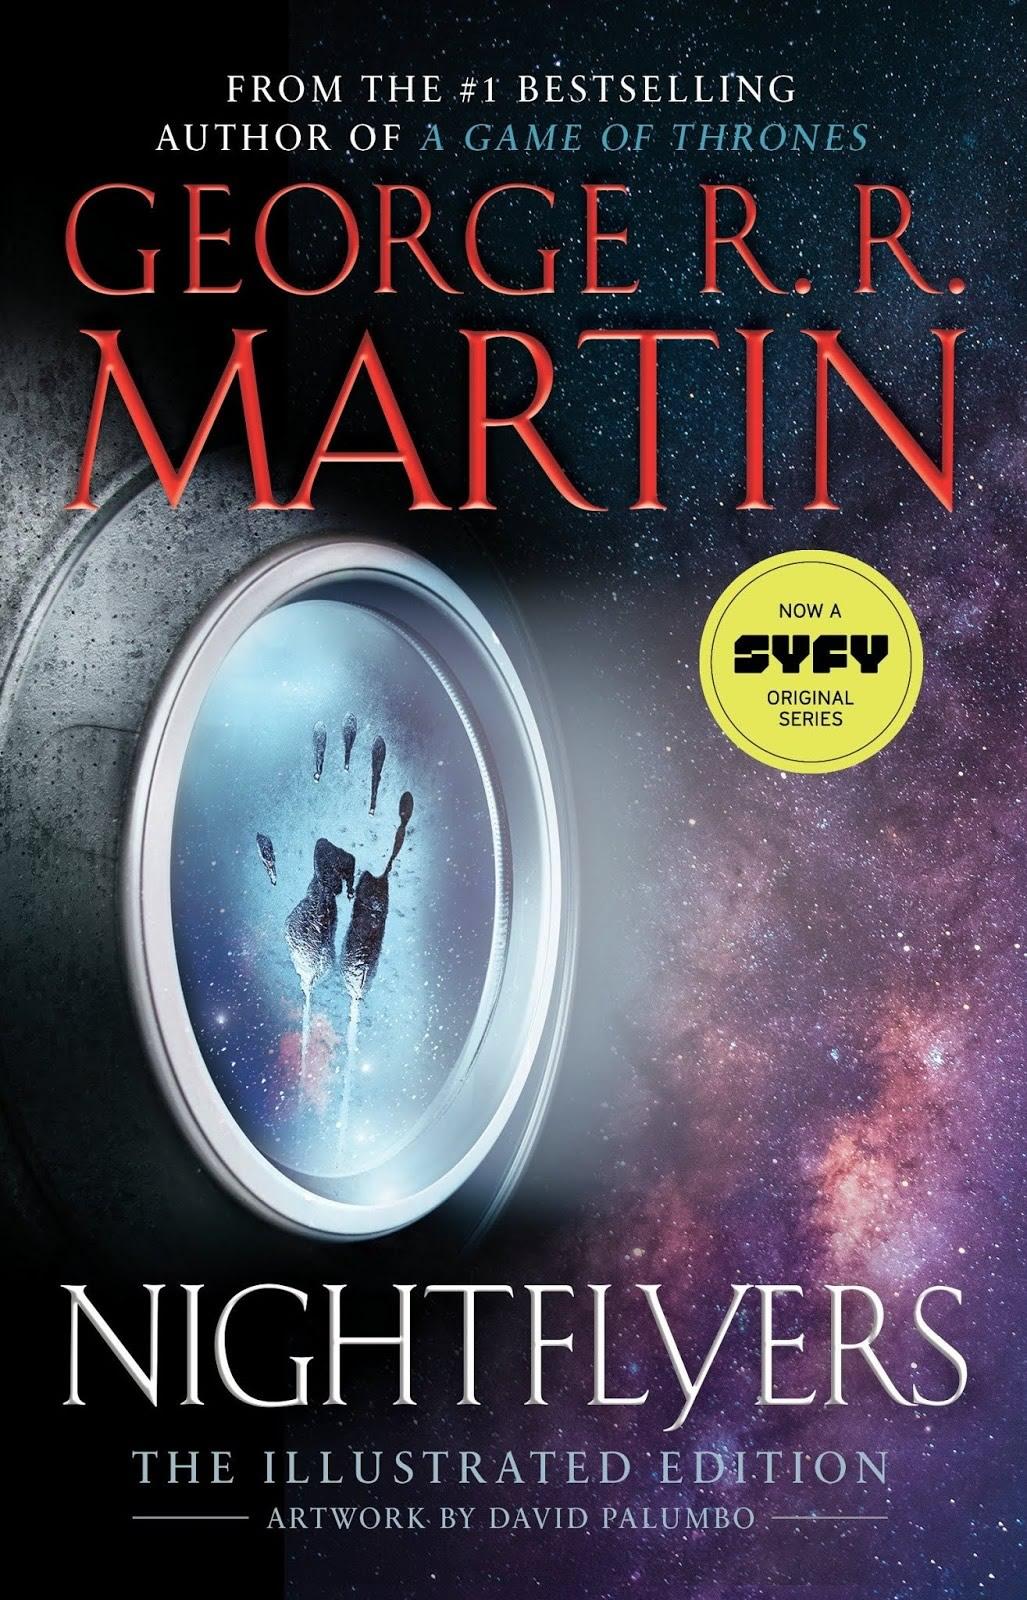 NIGHTFLYERS   Série de ficção científica de 2018, na Netflix , baseada na obra de George R.R. Martin